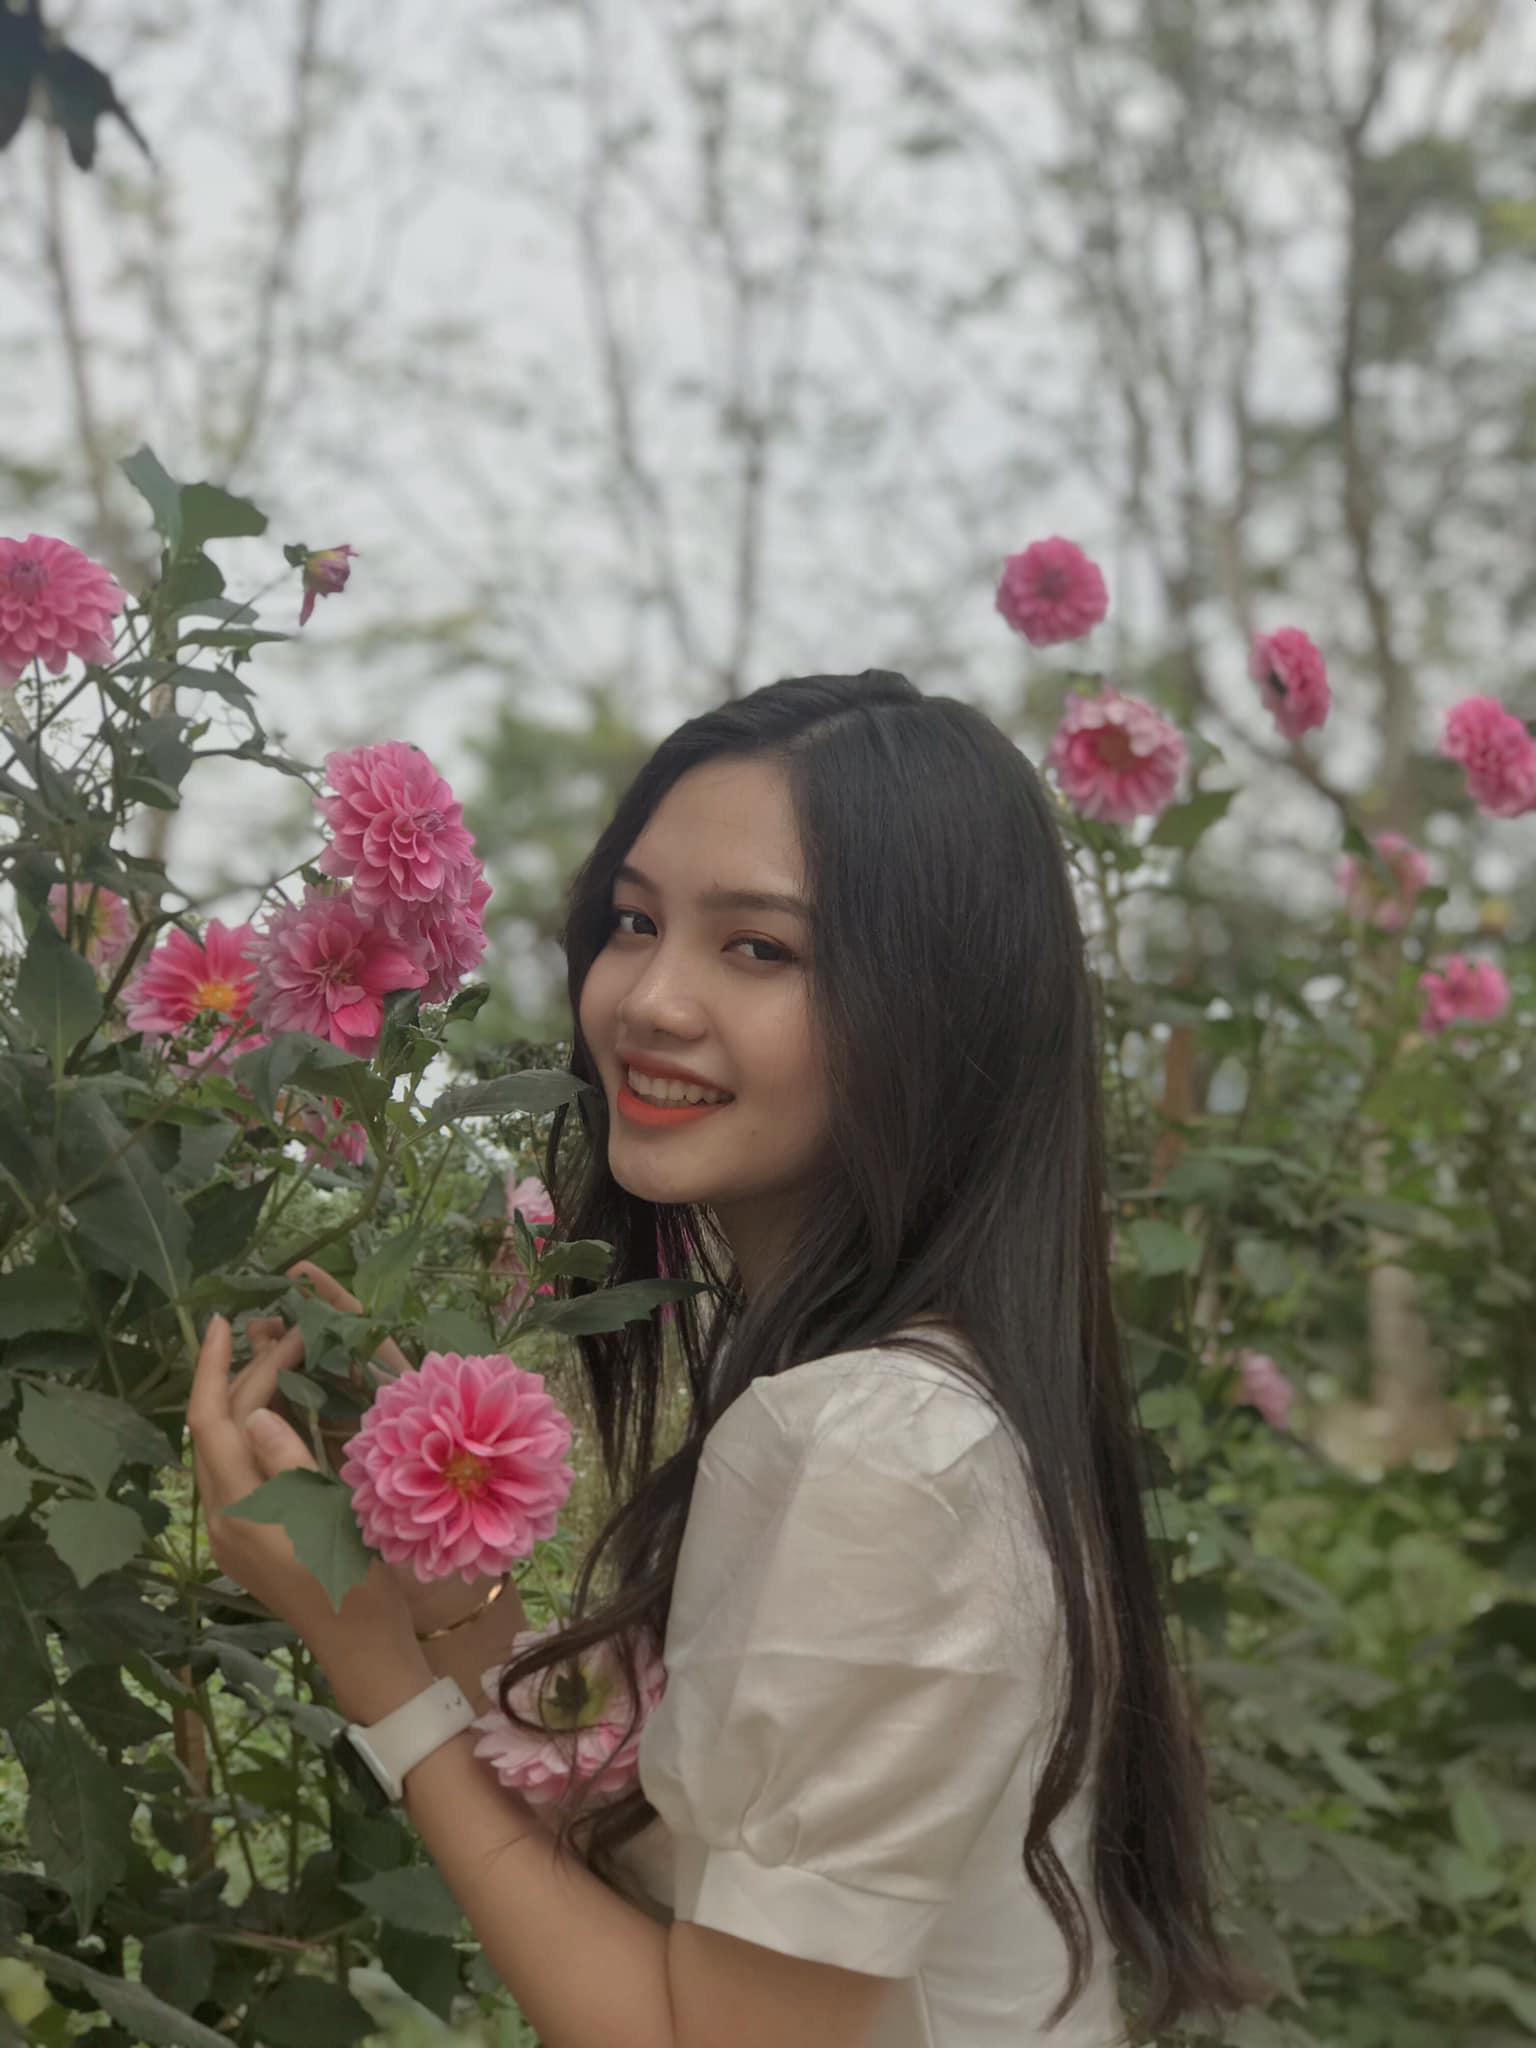 """10X xinh đẹp tựa nữ thần hé lộ bị ép lấy chồng năm 17 tuổi, gây """"sốt"""" mạng thi Hoa hậu Việt Nam - Ảnh 10."""